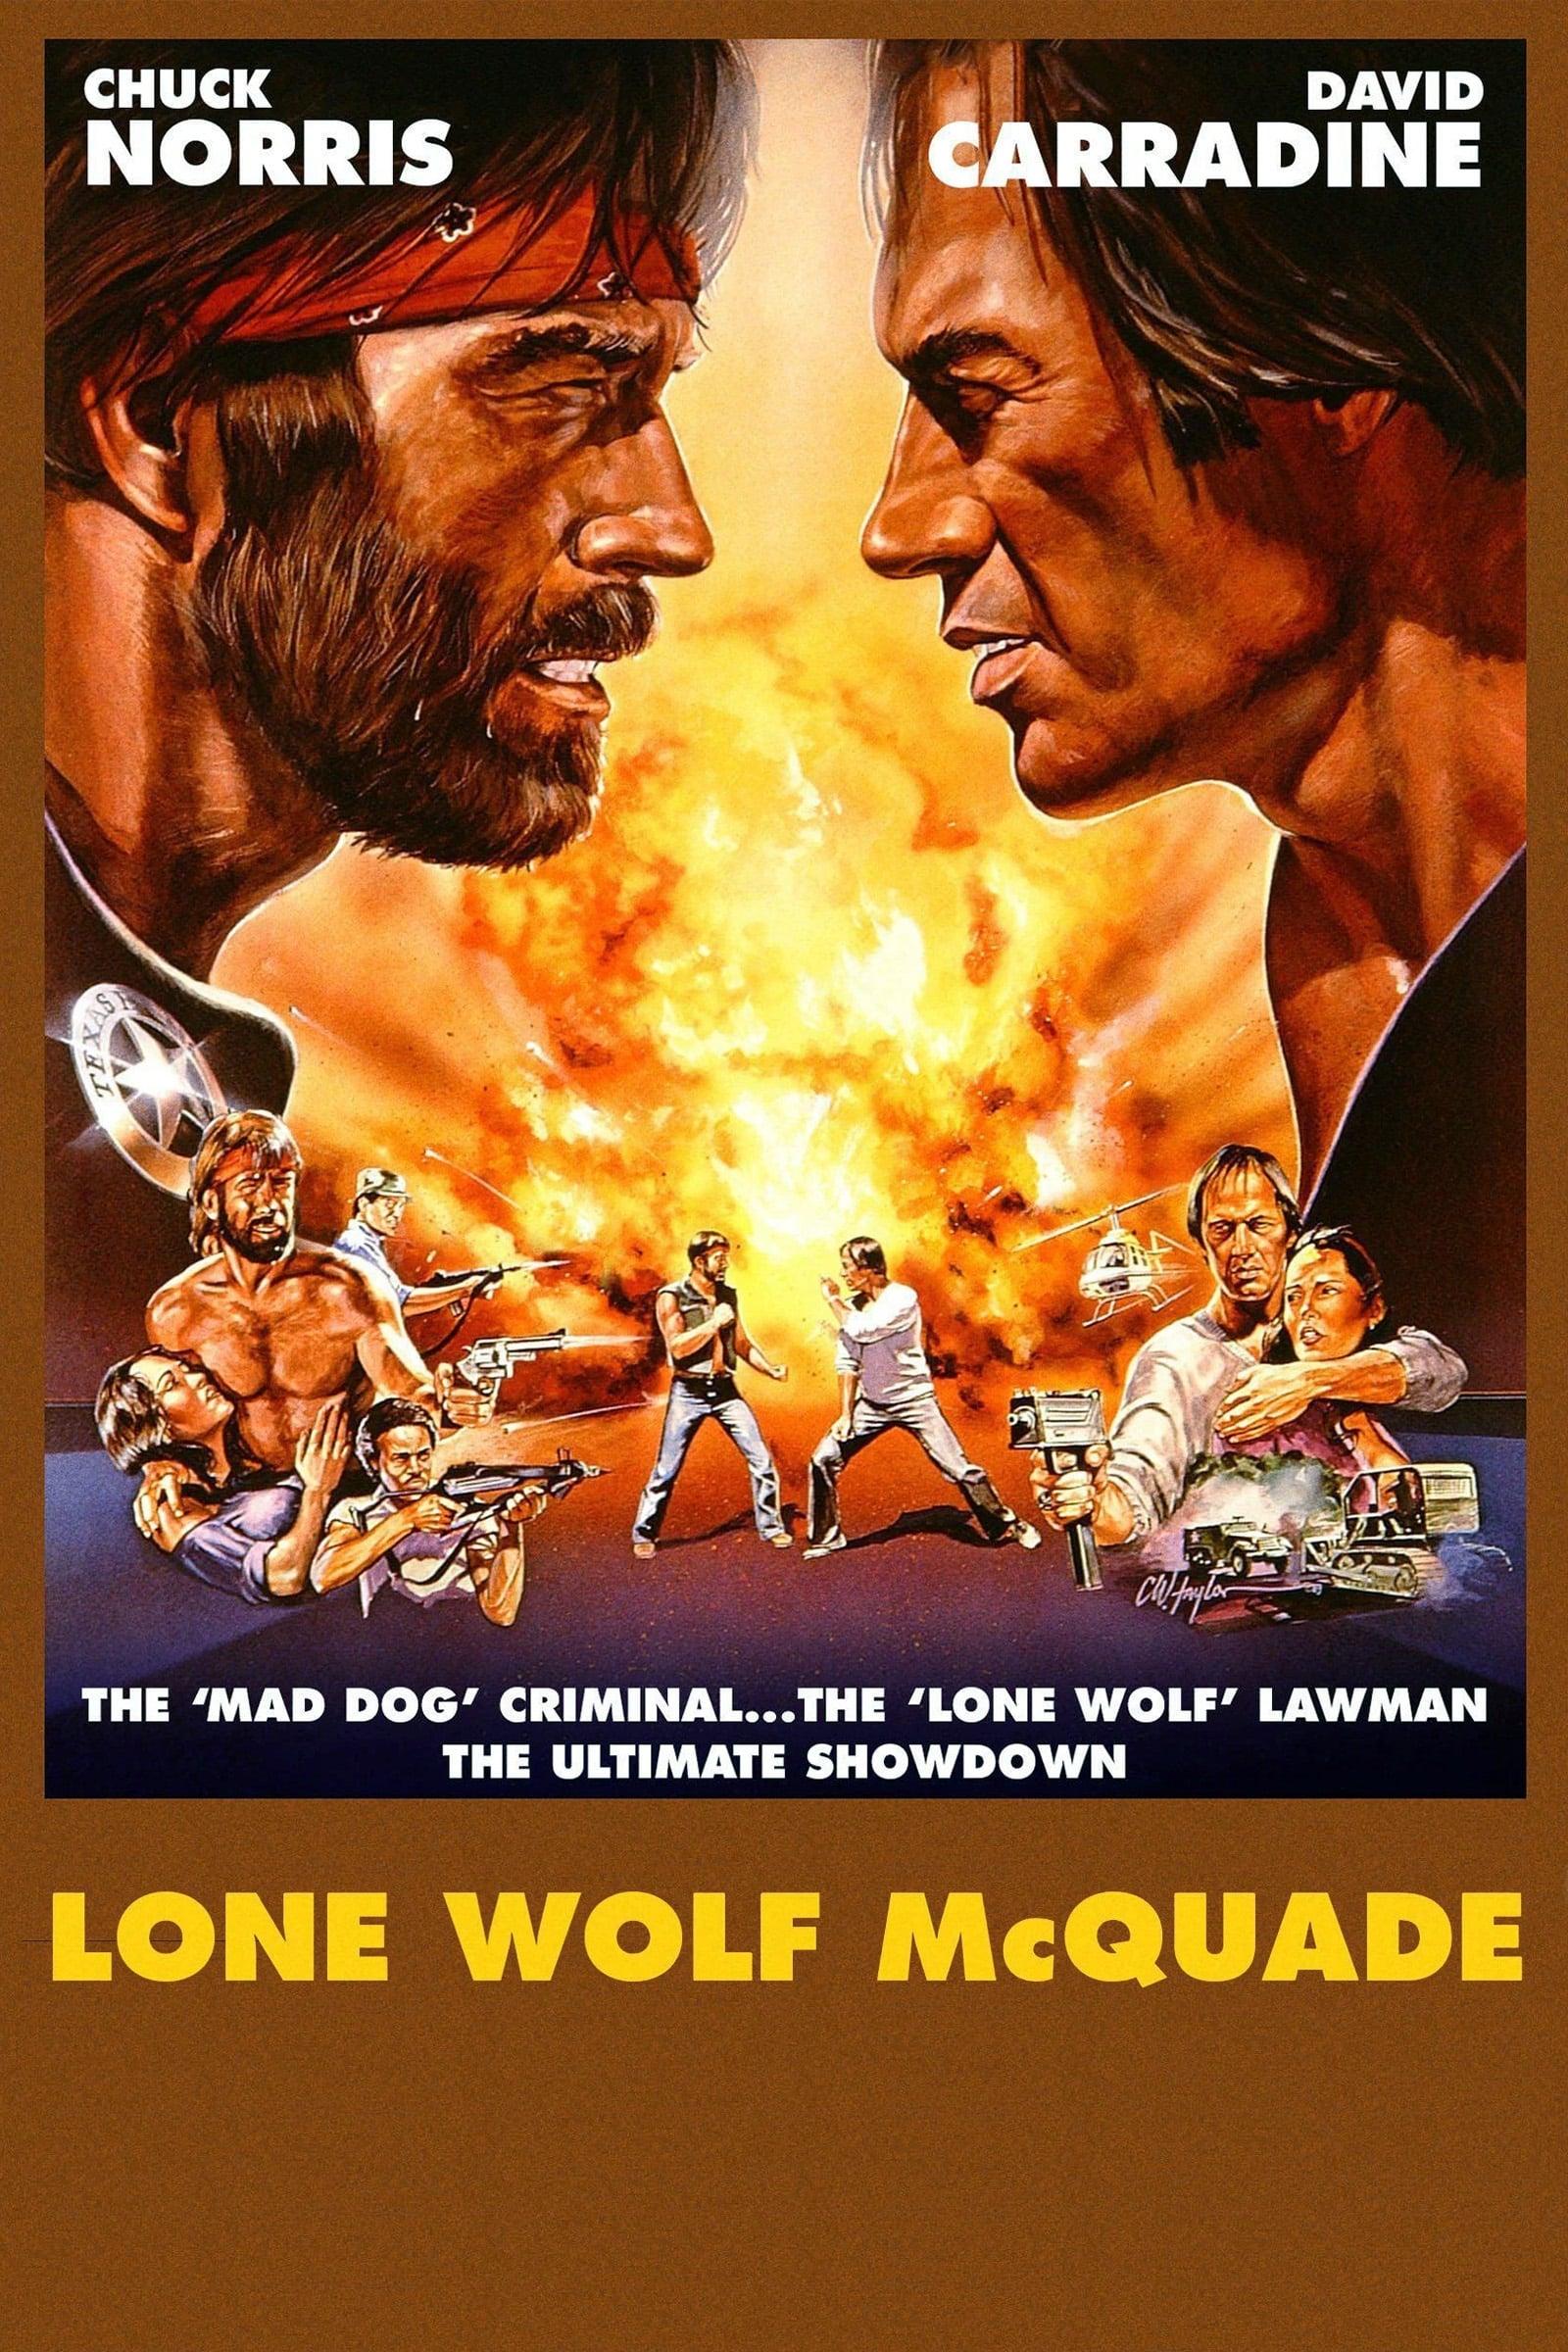 Lone Wolf McQuade